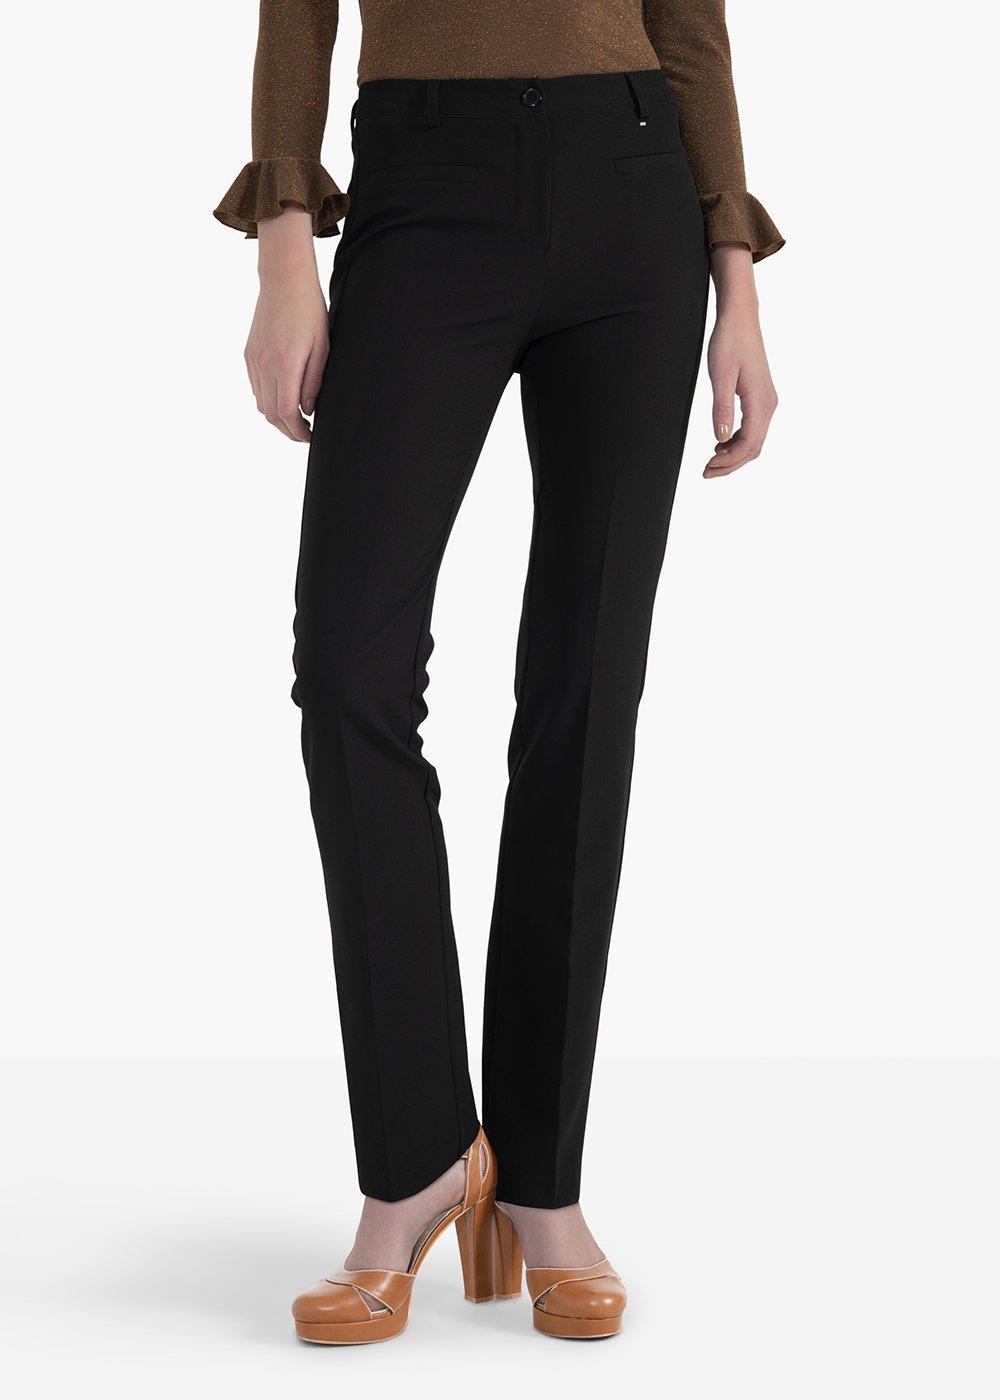 Pantaloni Miranda con doppio filetto sul davanti e sul retro - Black - Donna